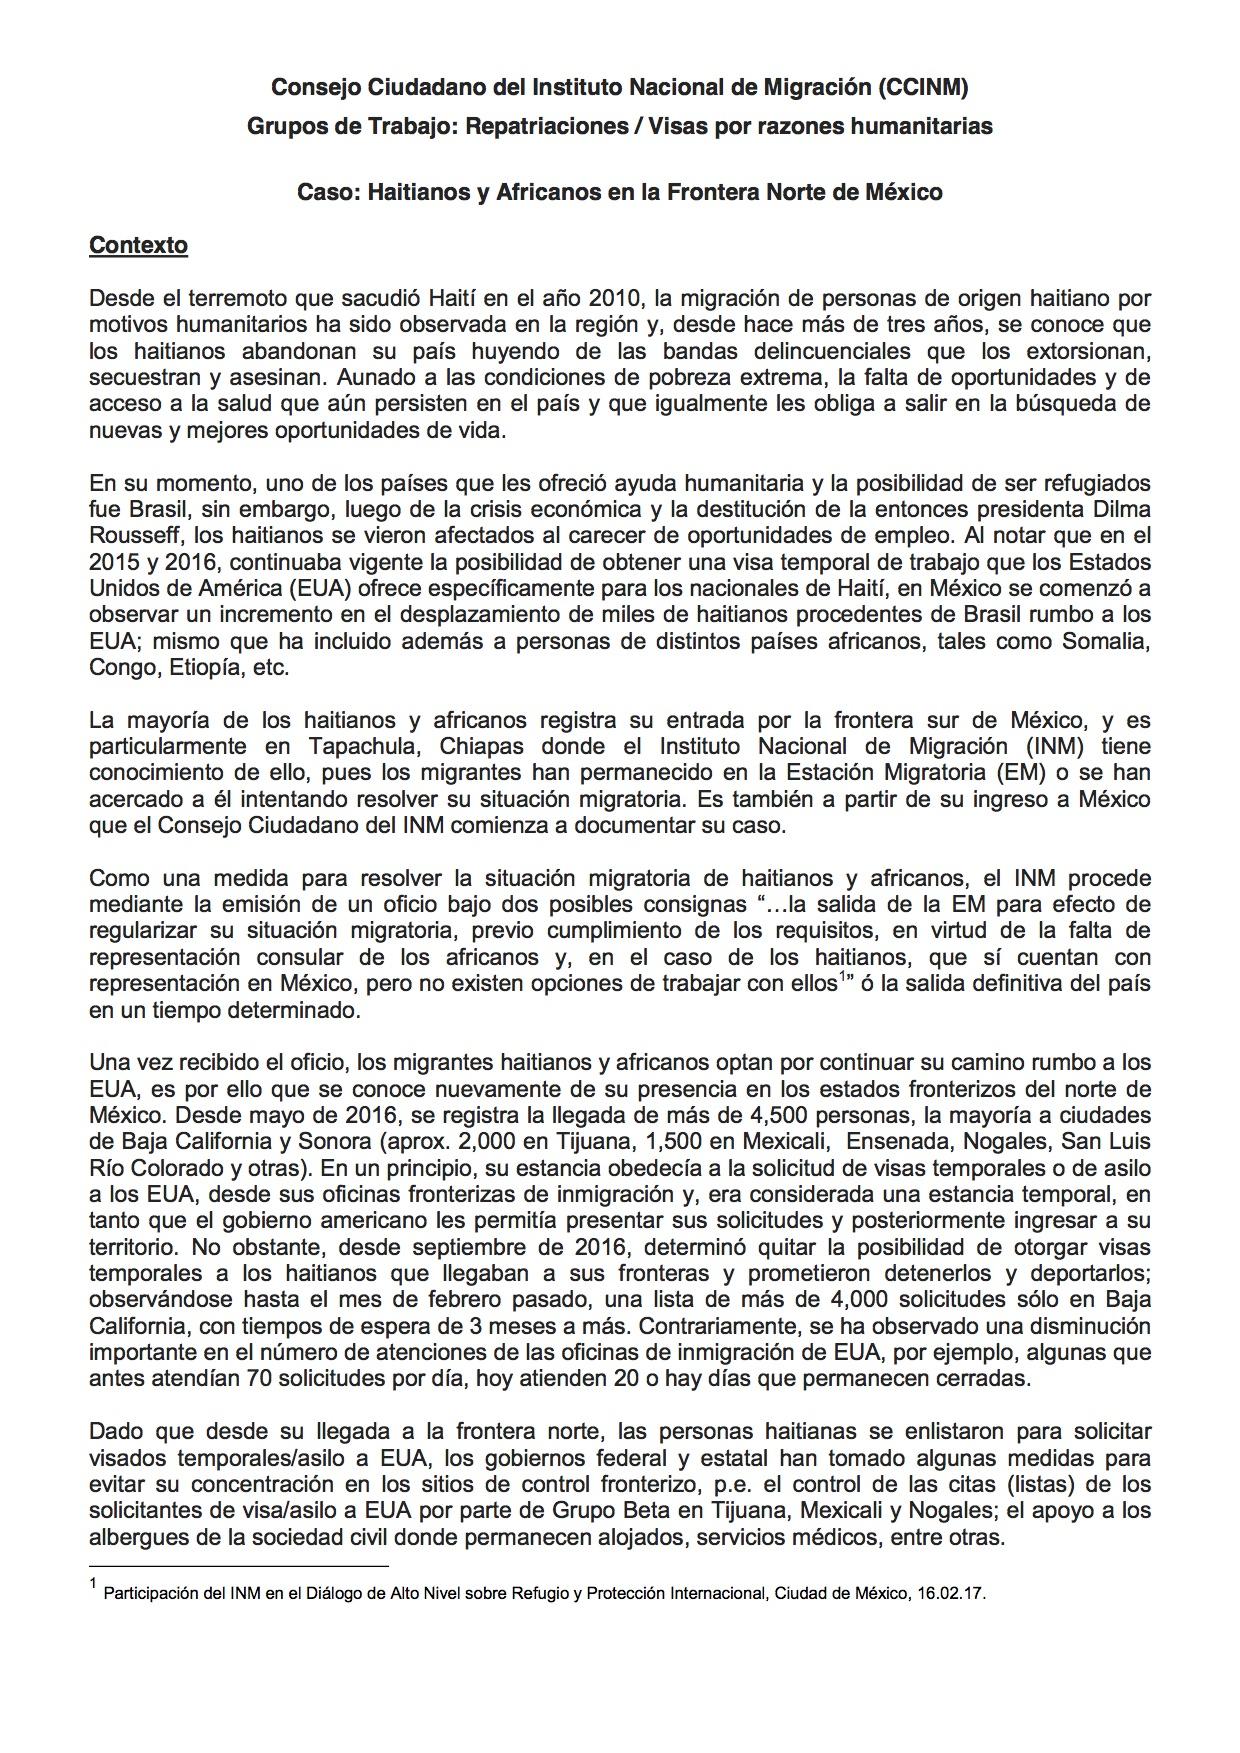 Informe Caso Haitianos y Africanos (1)